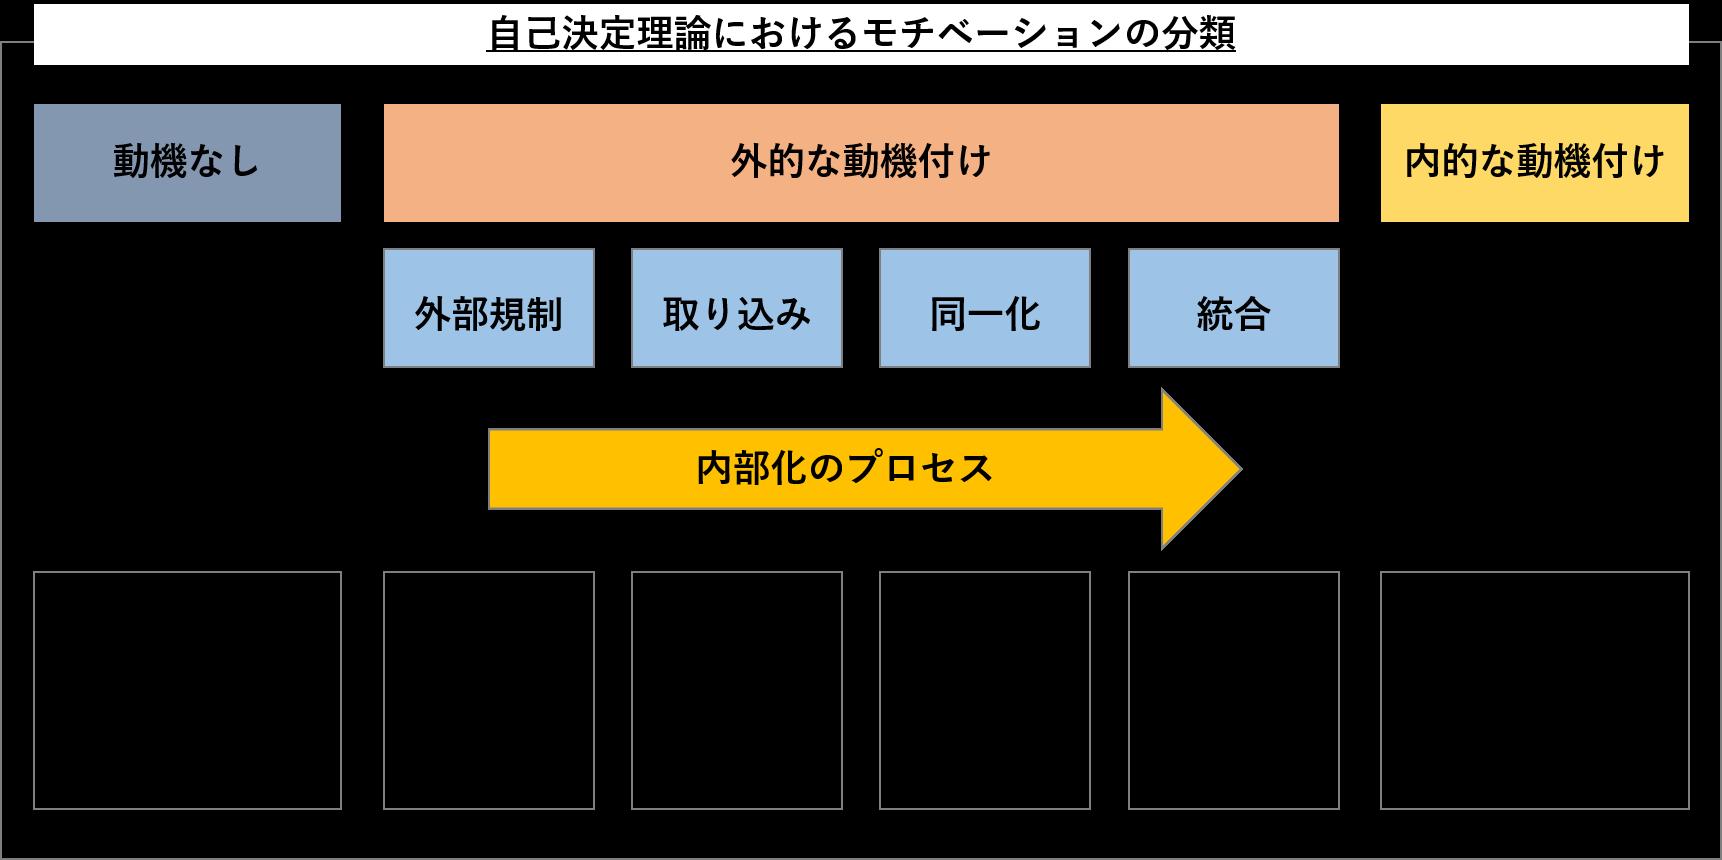 モチベーションの分類